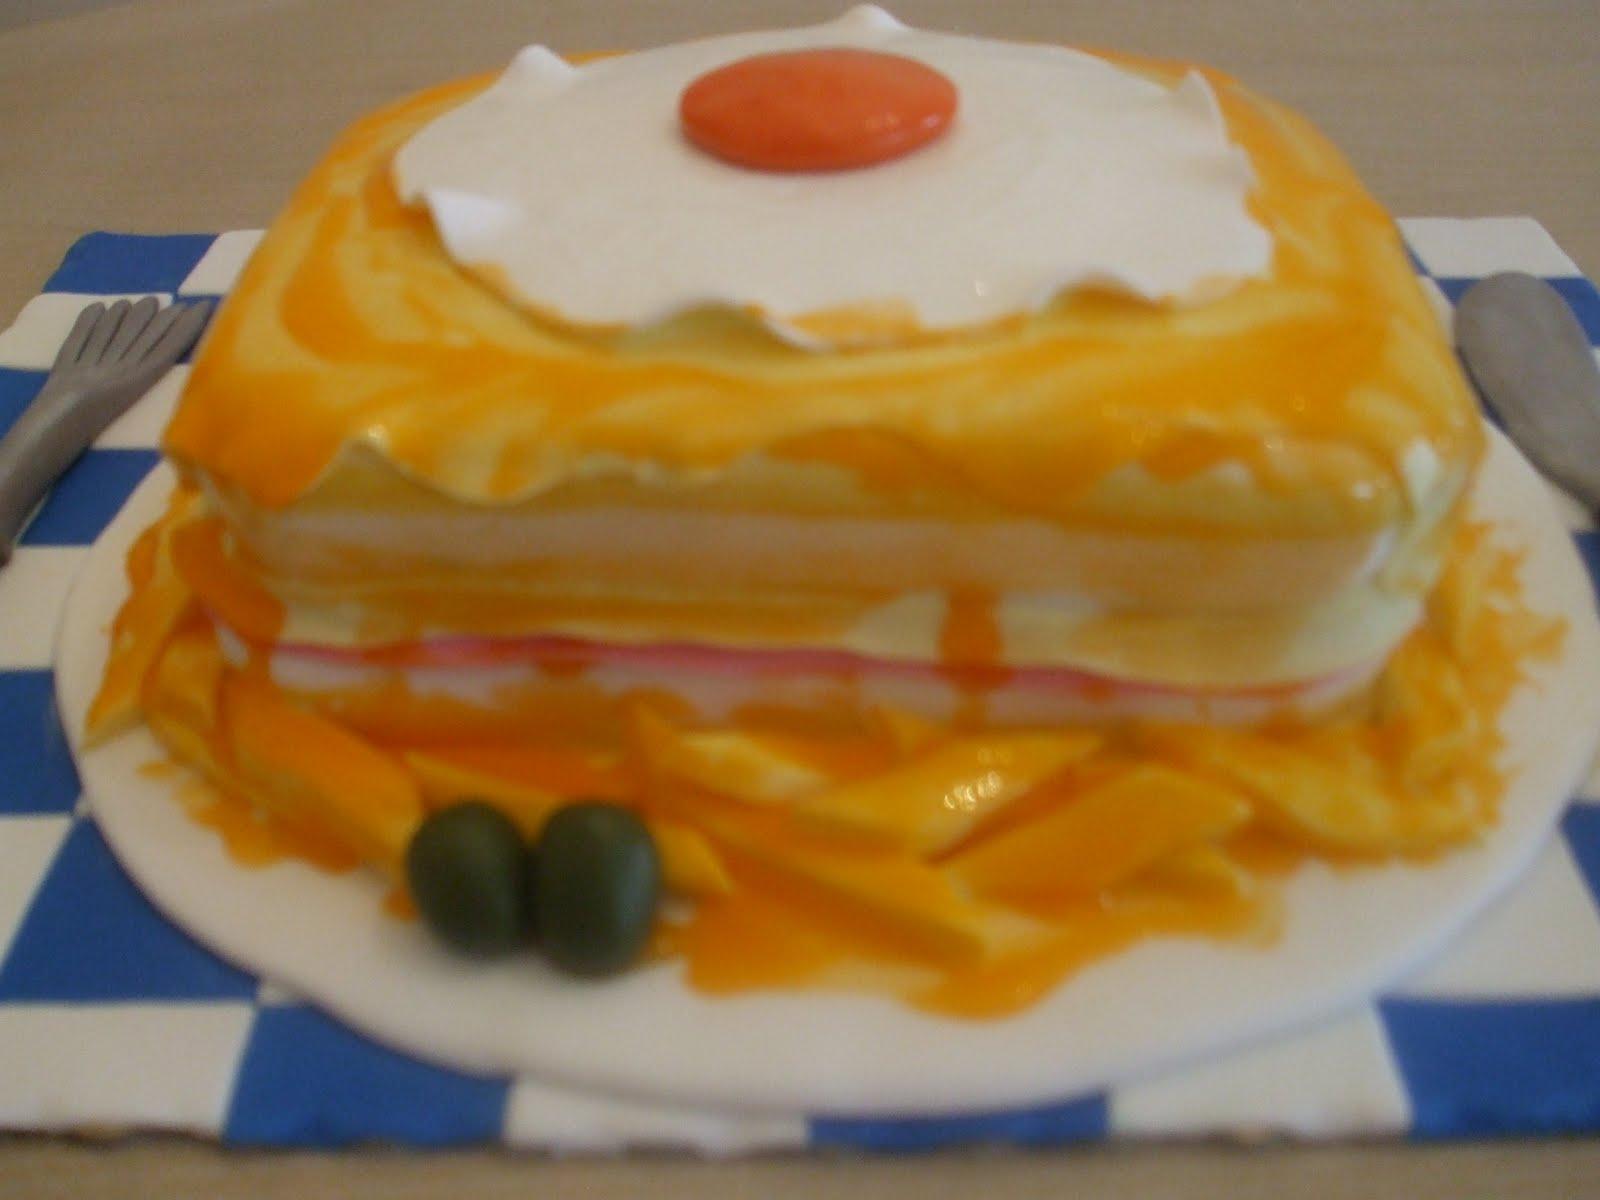 Emprego Cake Design Lisboa : Miminhos Doces da Raquel - Bolos decorados: 21/11/2010 ...